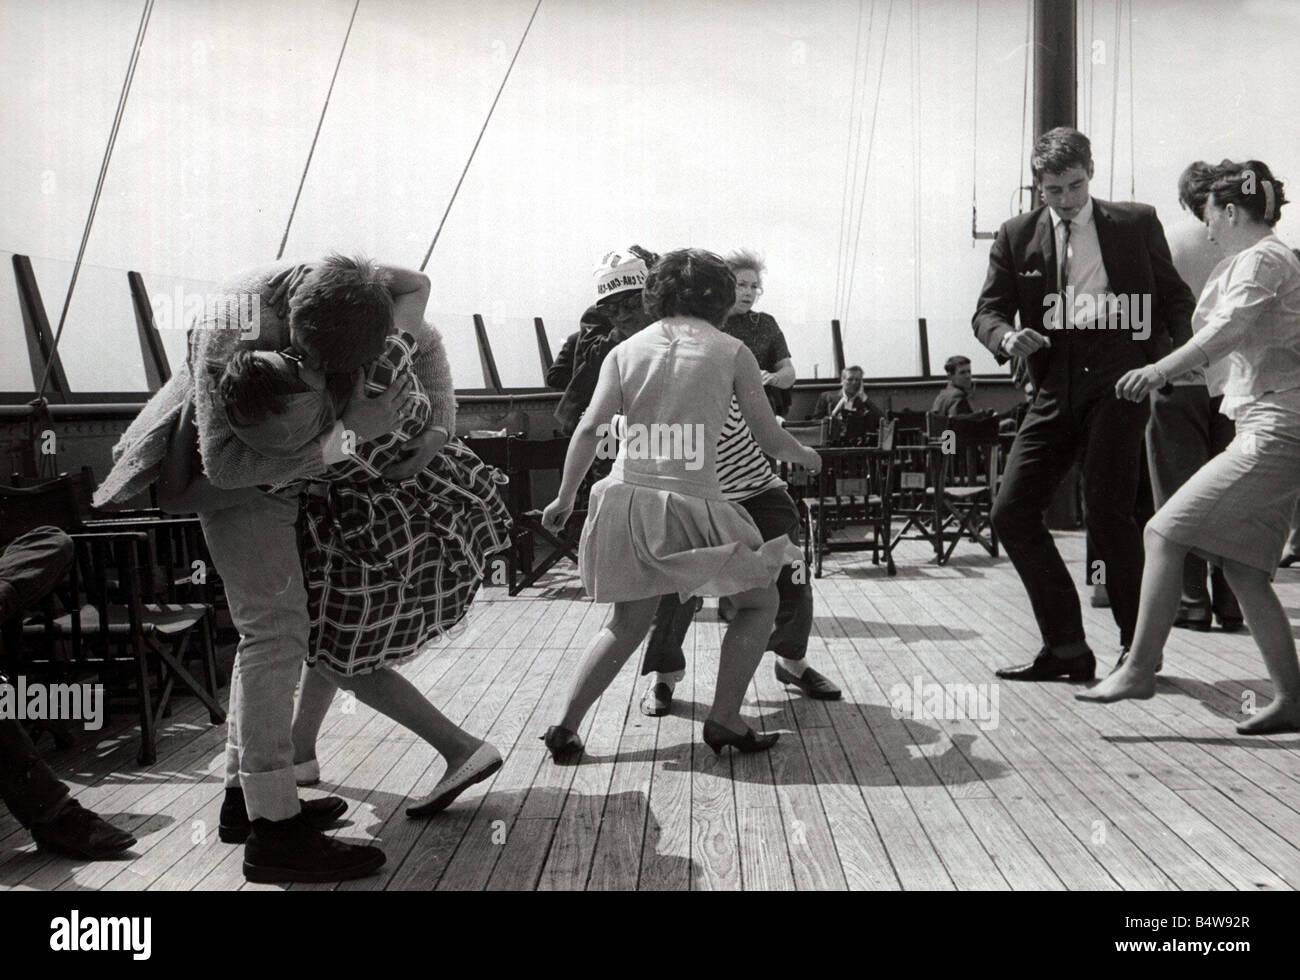 Parti en bateau des couples danse et jive en vrai 60 s style Couple faisant le twist s'amusant humour ecard02 Photo Stock